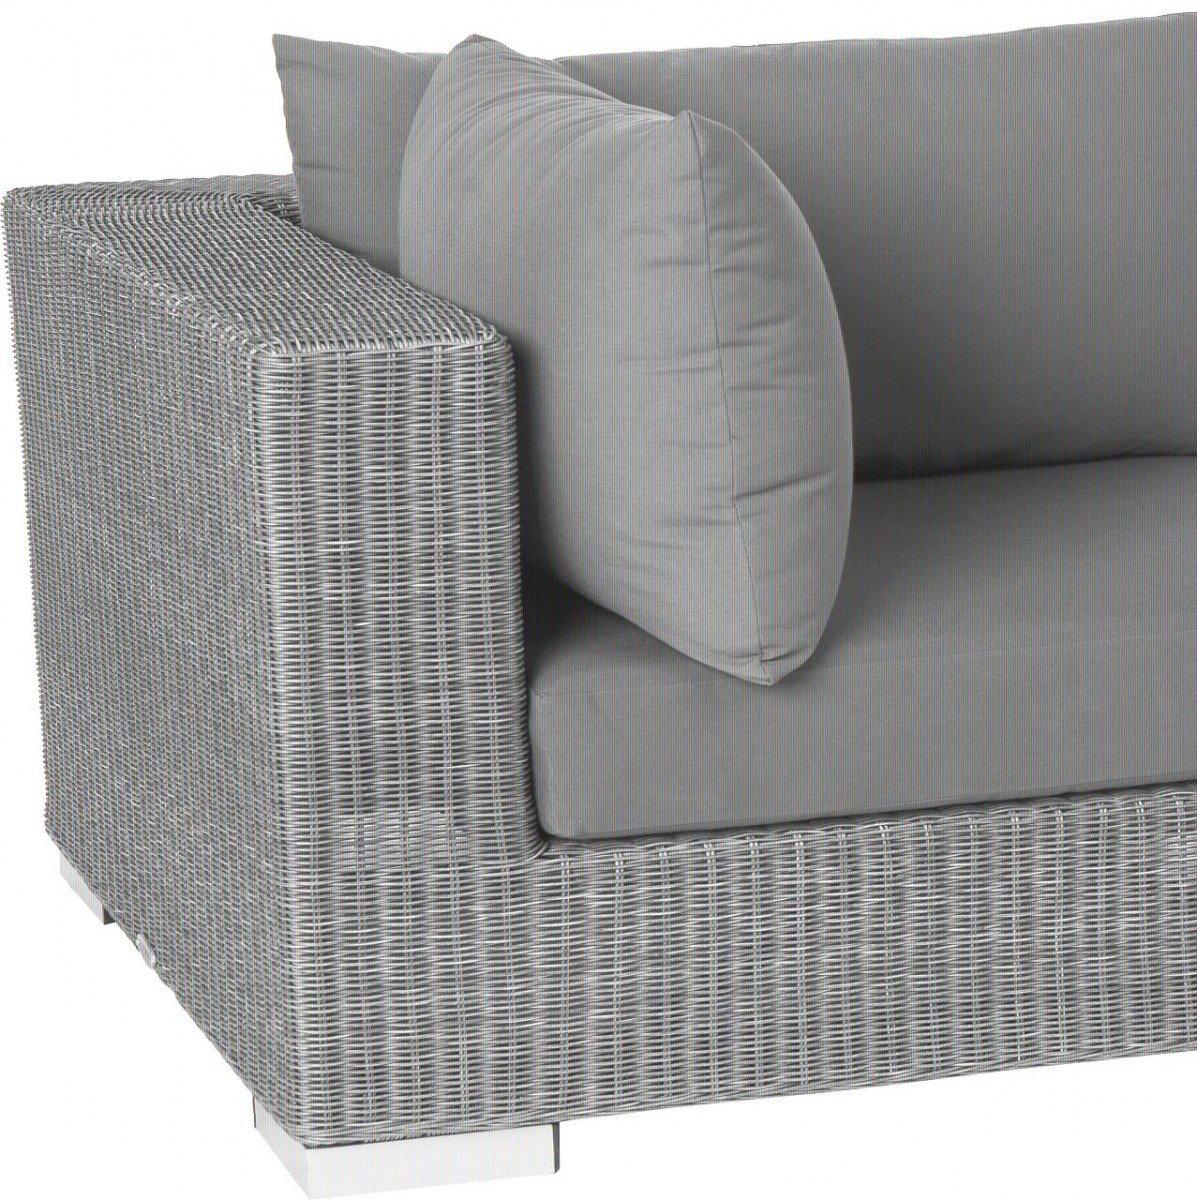 Sitz und sofas nur abdeckung keine fllung baby sitzsack for Loungemobel garten sofa